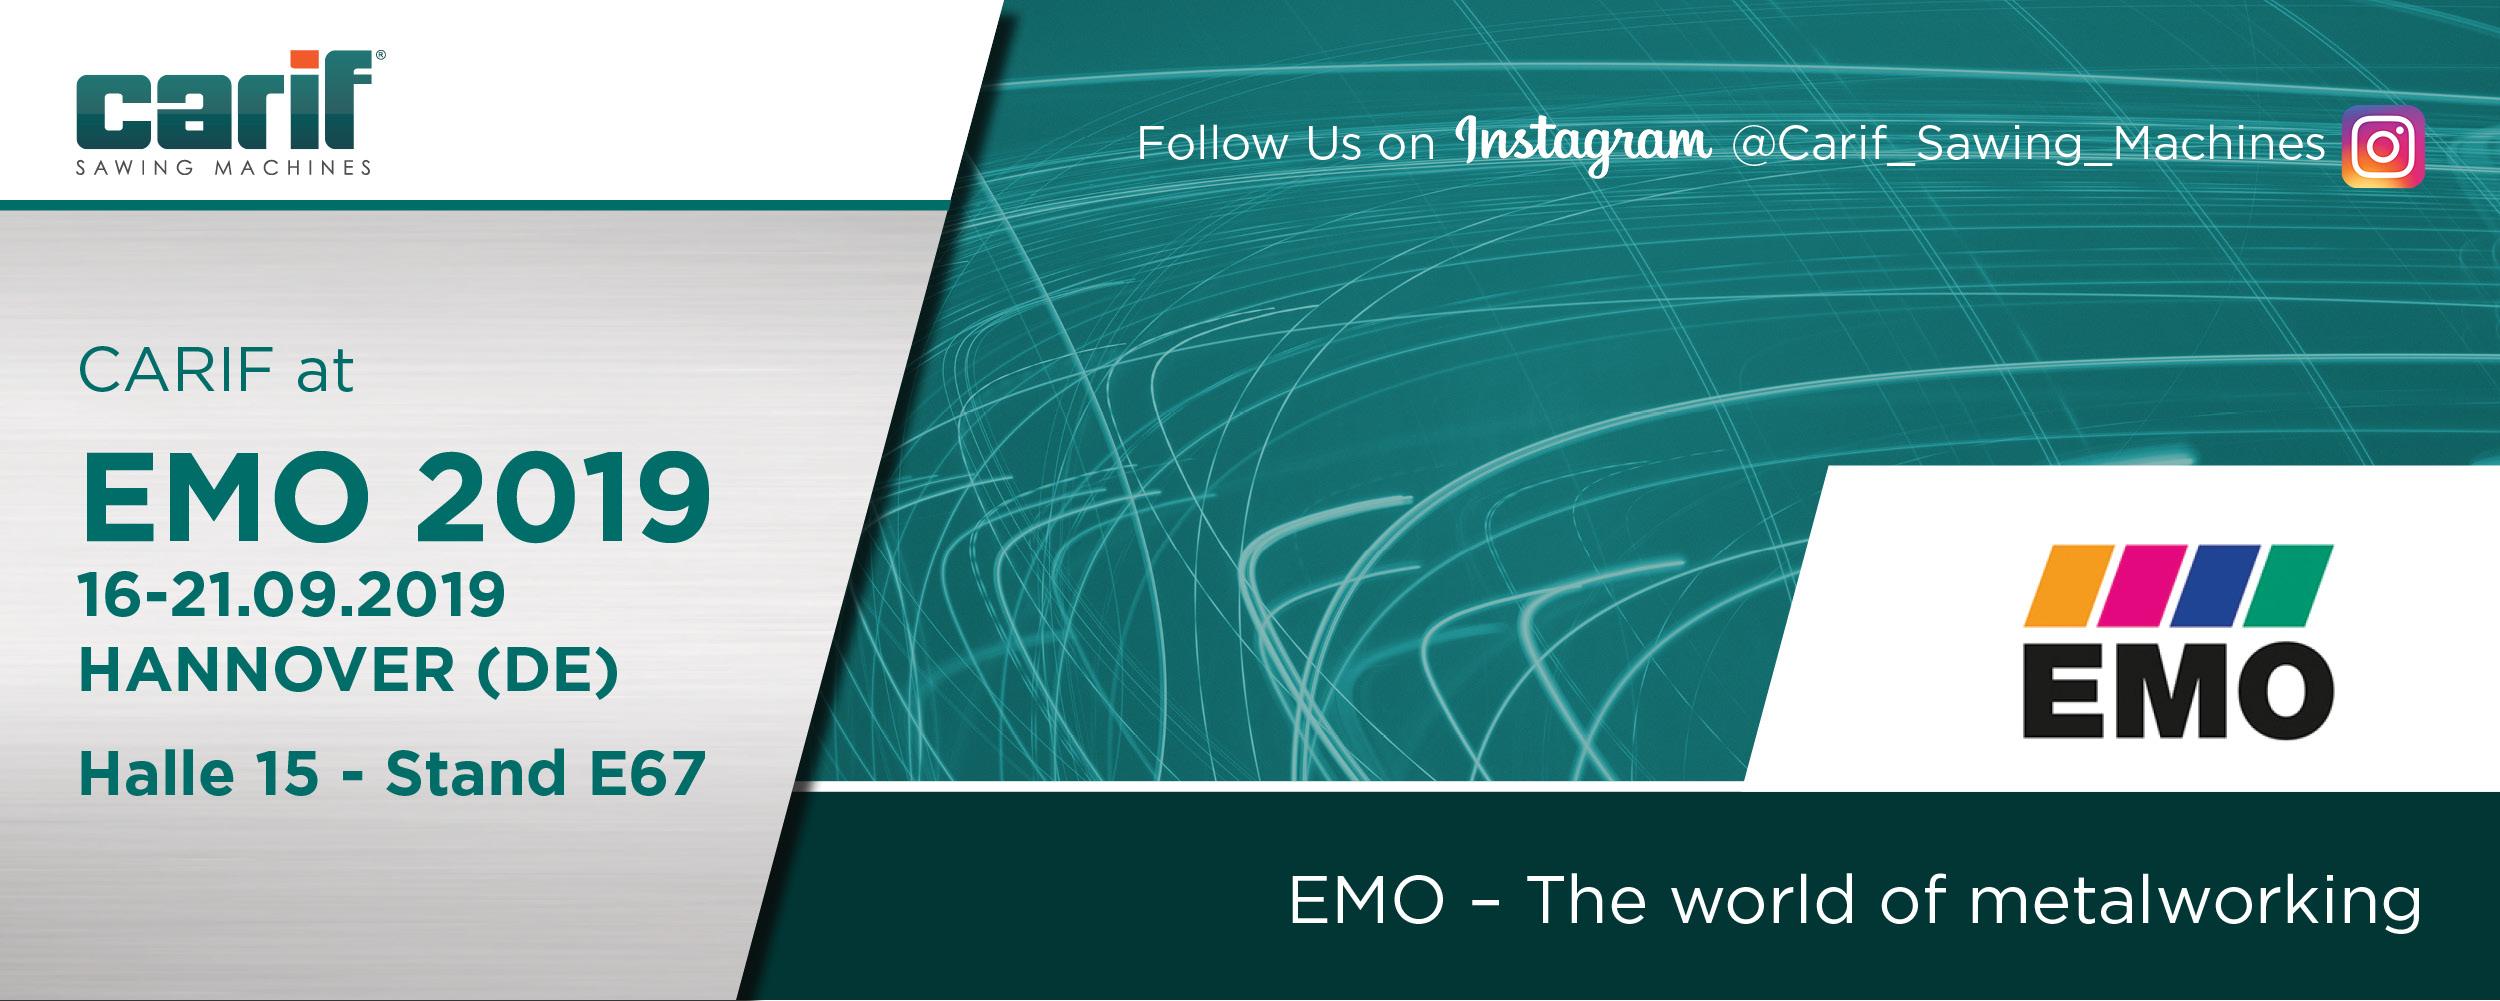 slide_EMO 2019 vers2